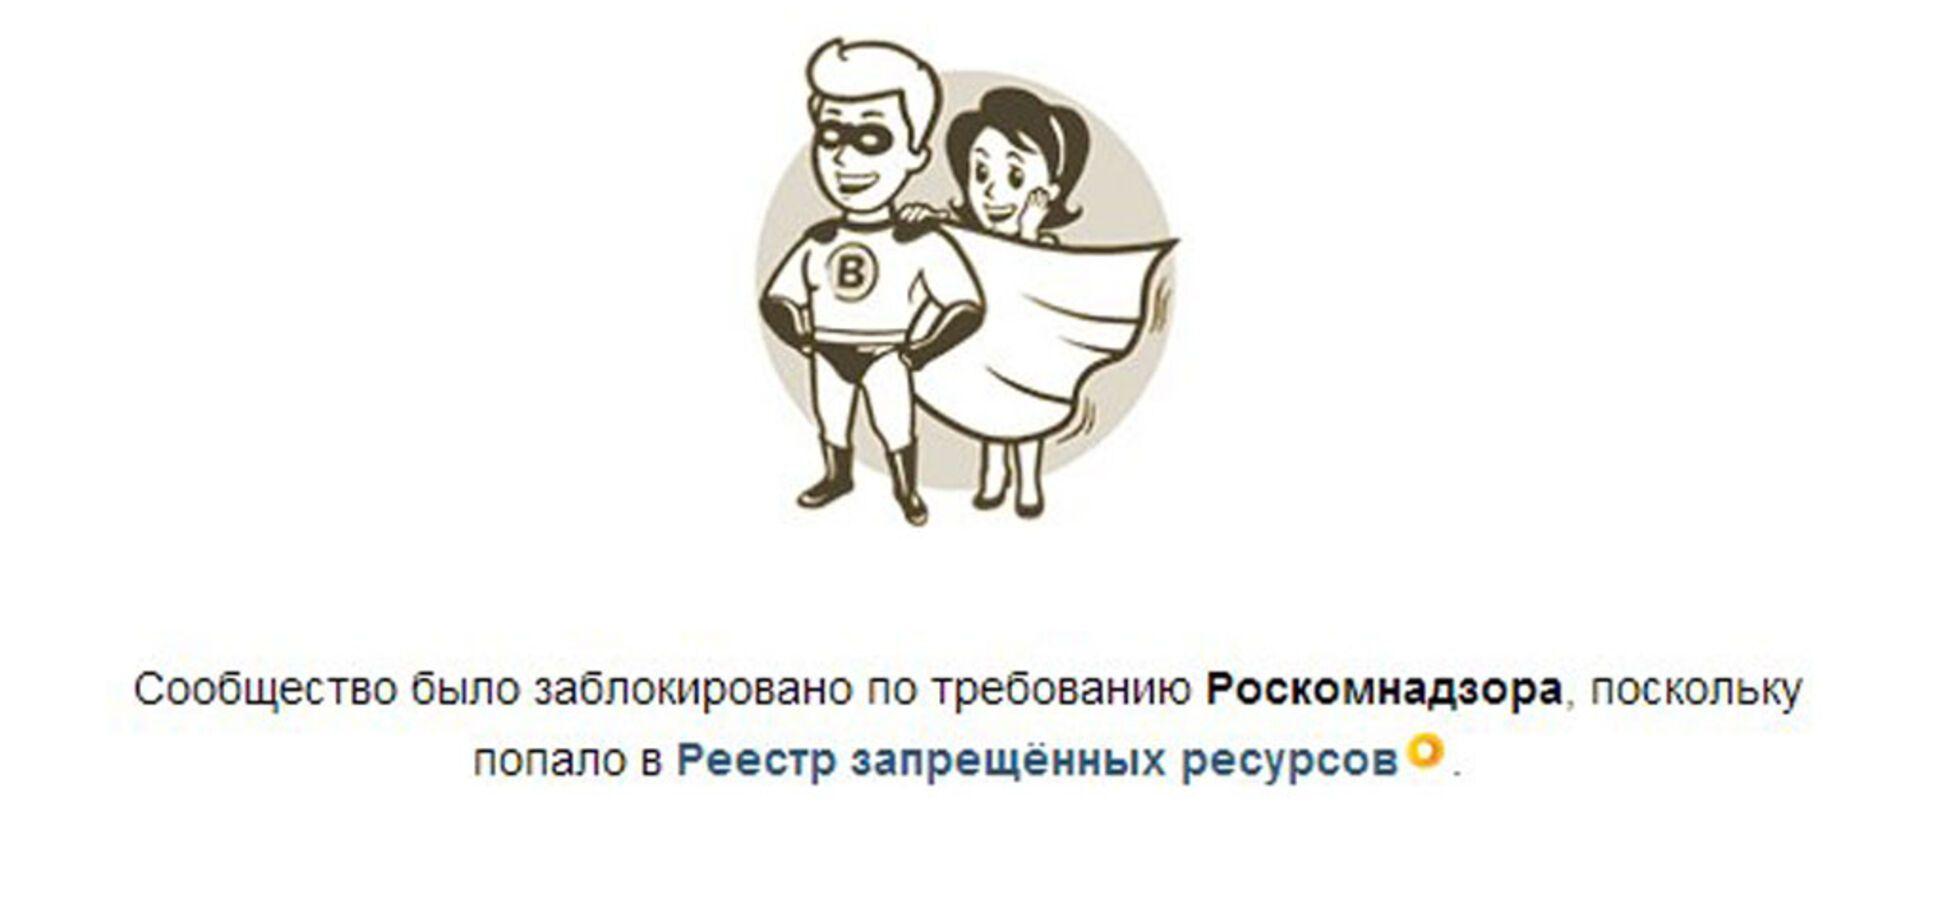 В России заблокировали IP-адреса 'Яндекса', 'ВКонтакте' и 'Одноклассников'